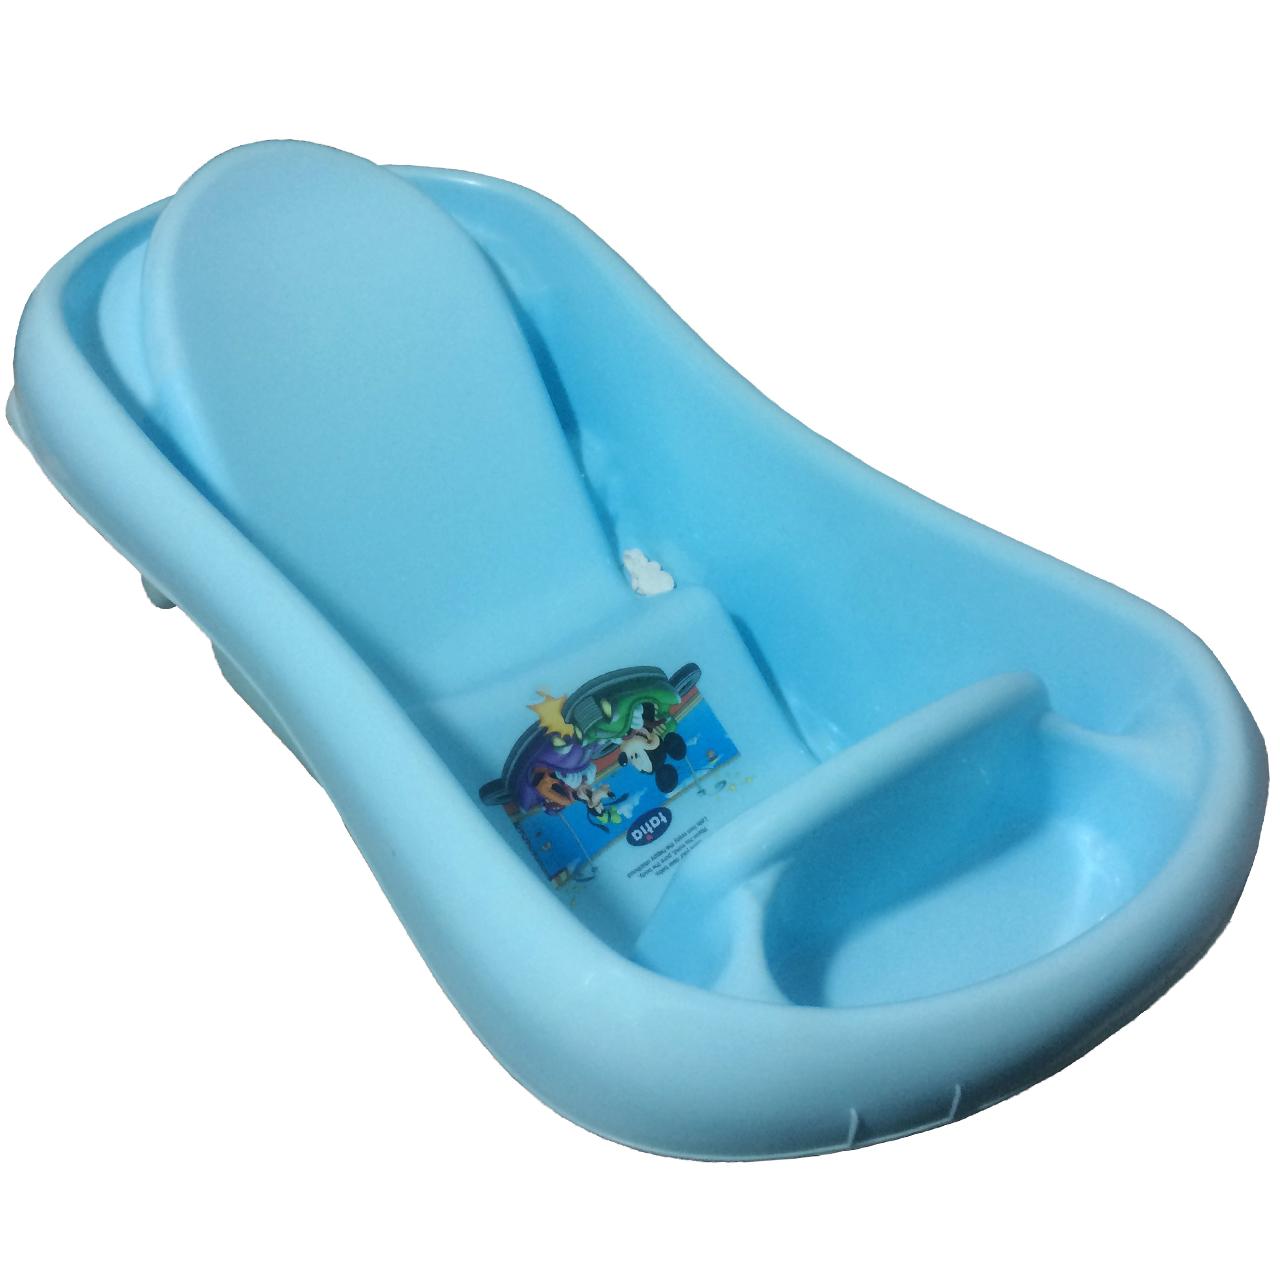 وان حمام کودک تندیس مدل PK-H165 آبی پاستیلی